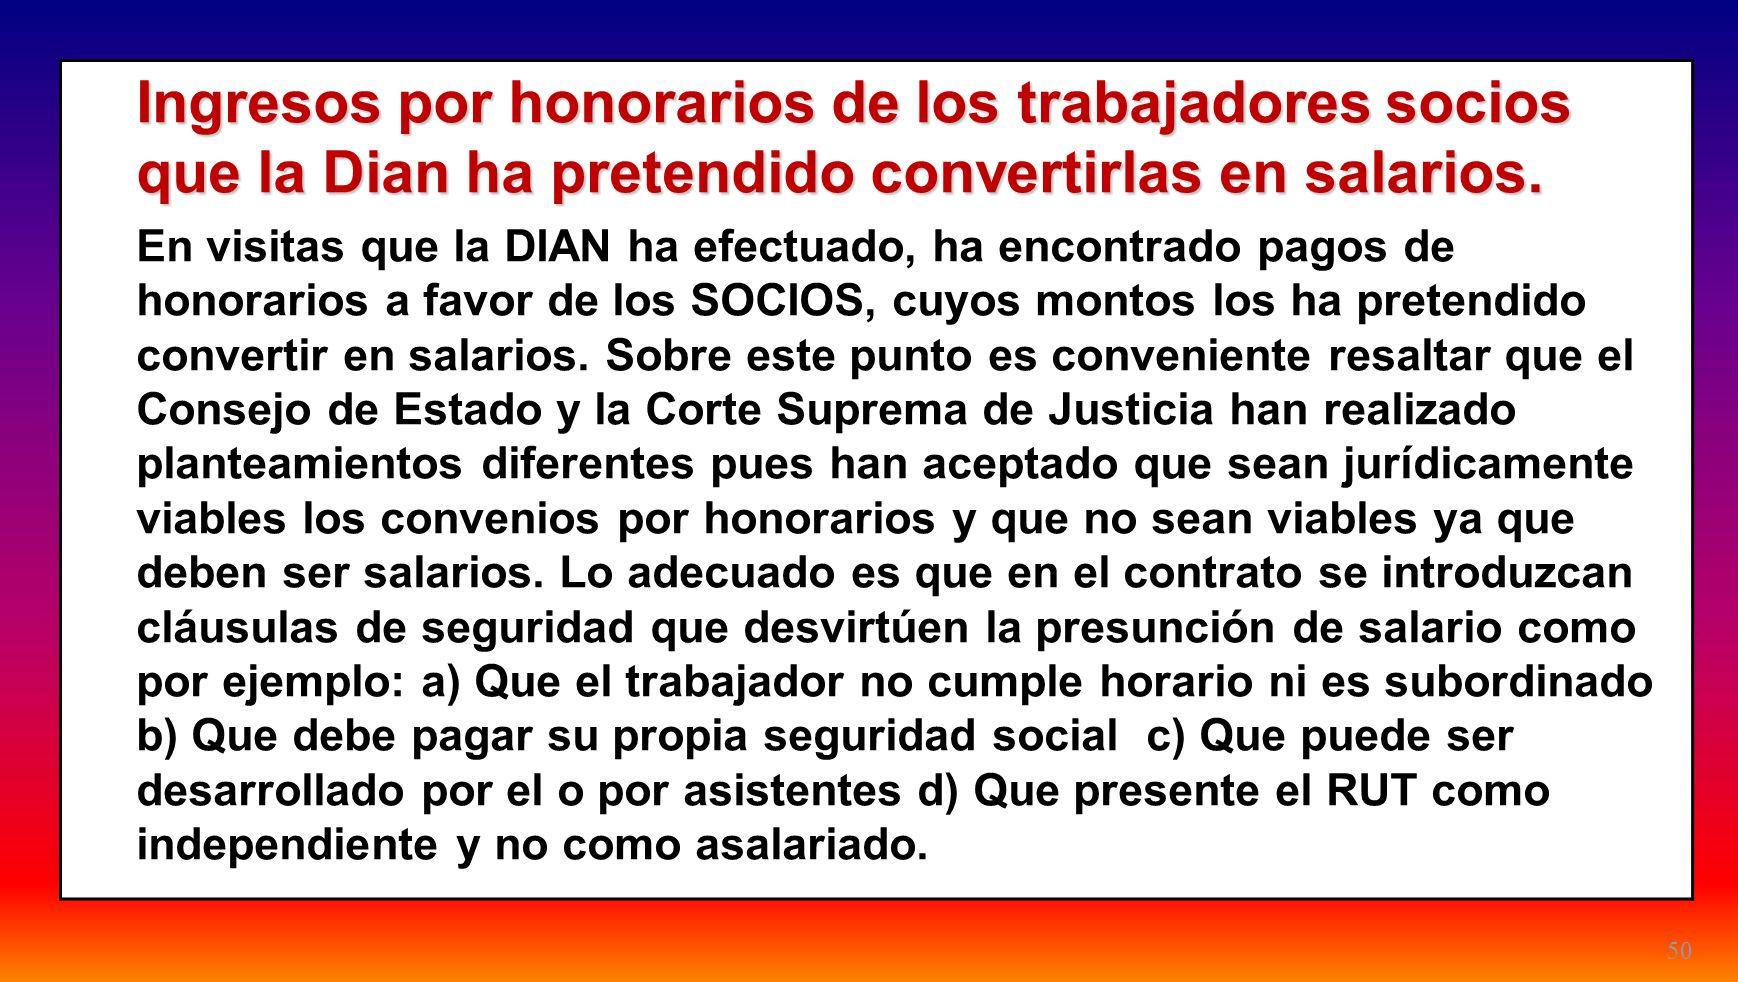 24/03/2017 Ingresos por honorarios de los trabajadores socios que la Dian ha pretendido convertirlas en salarios.